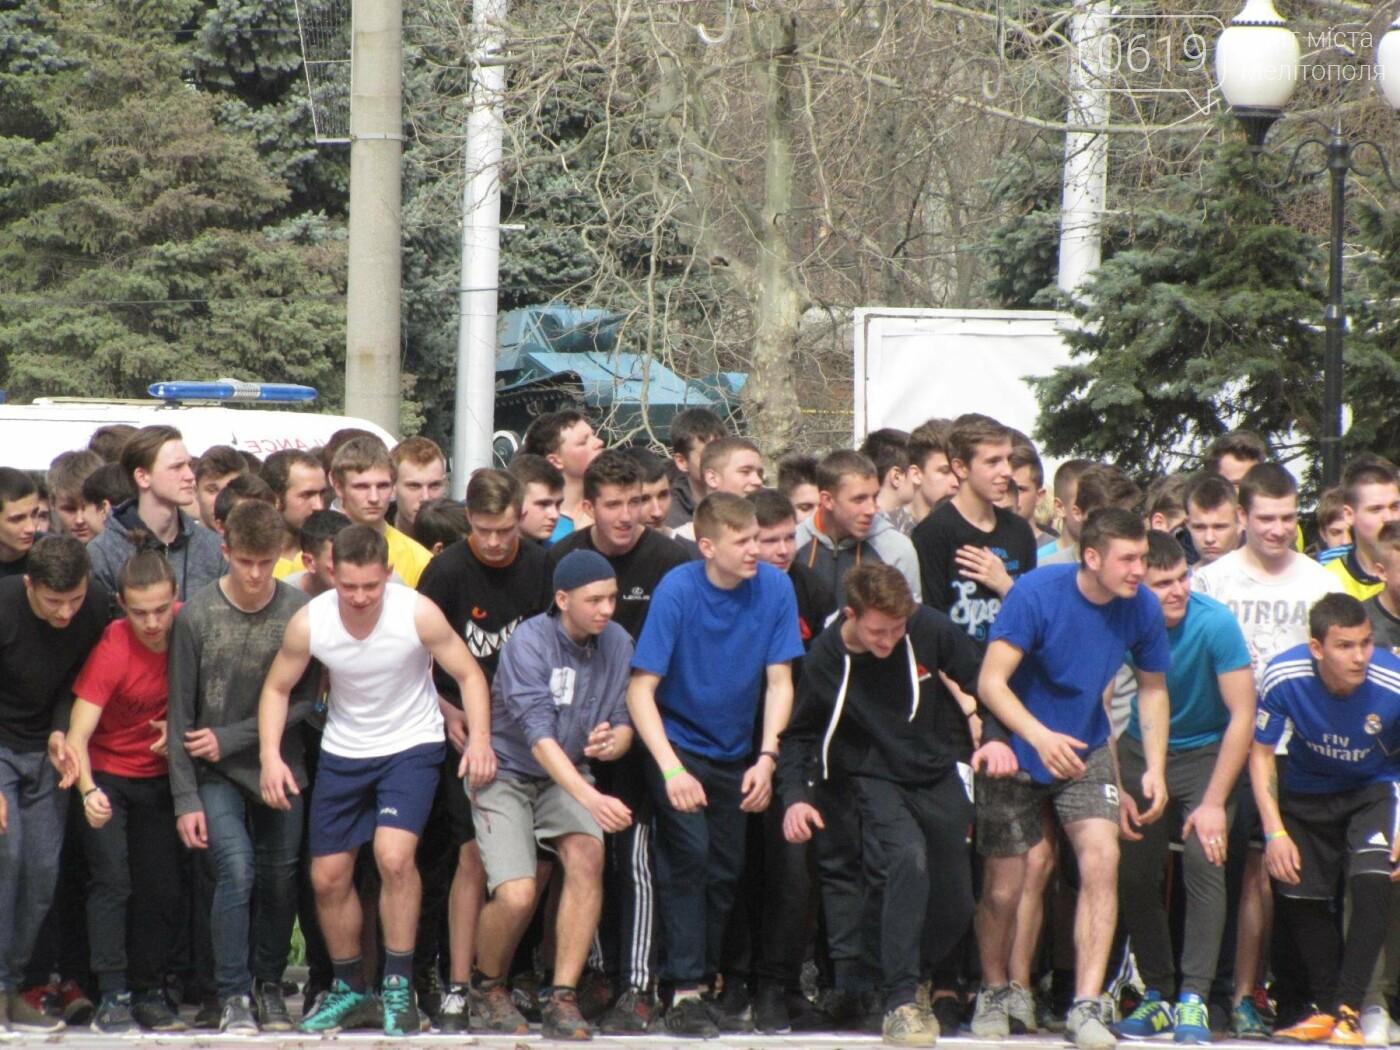 Мелитопольцы собрали деньги для больных детей на благотворительном пробеге, фото-6